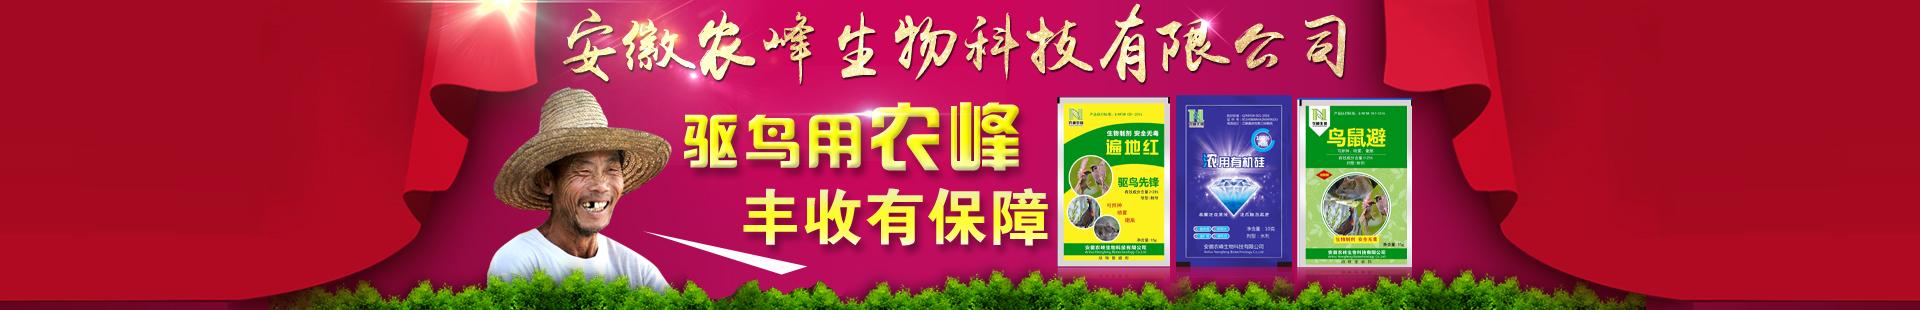 安徽�r峰生物科技有限公司